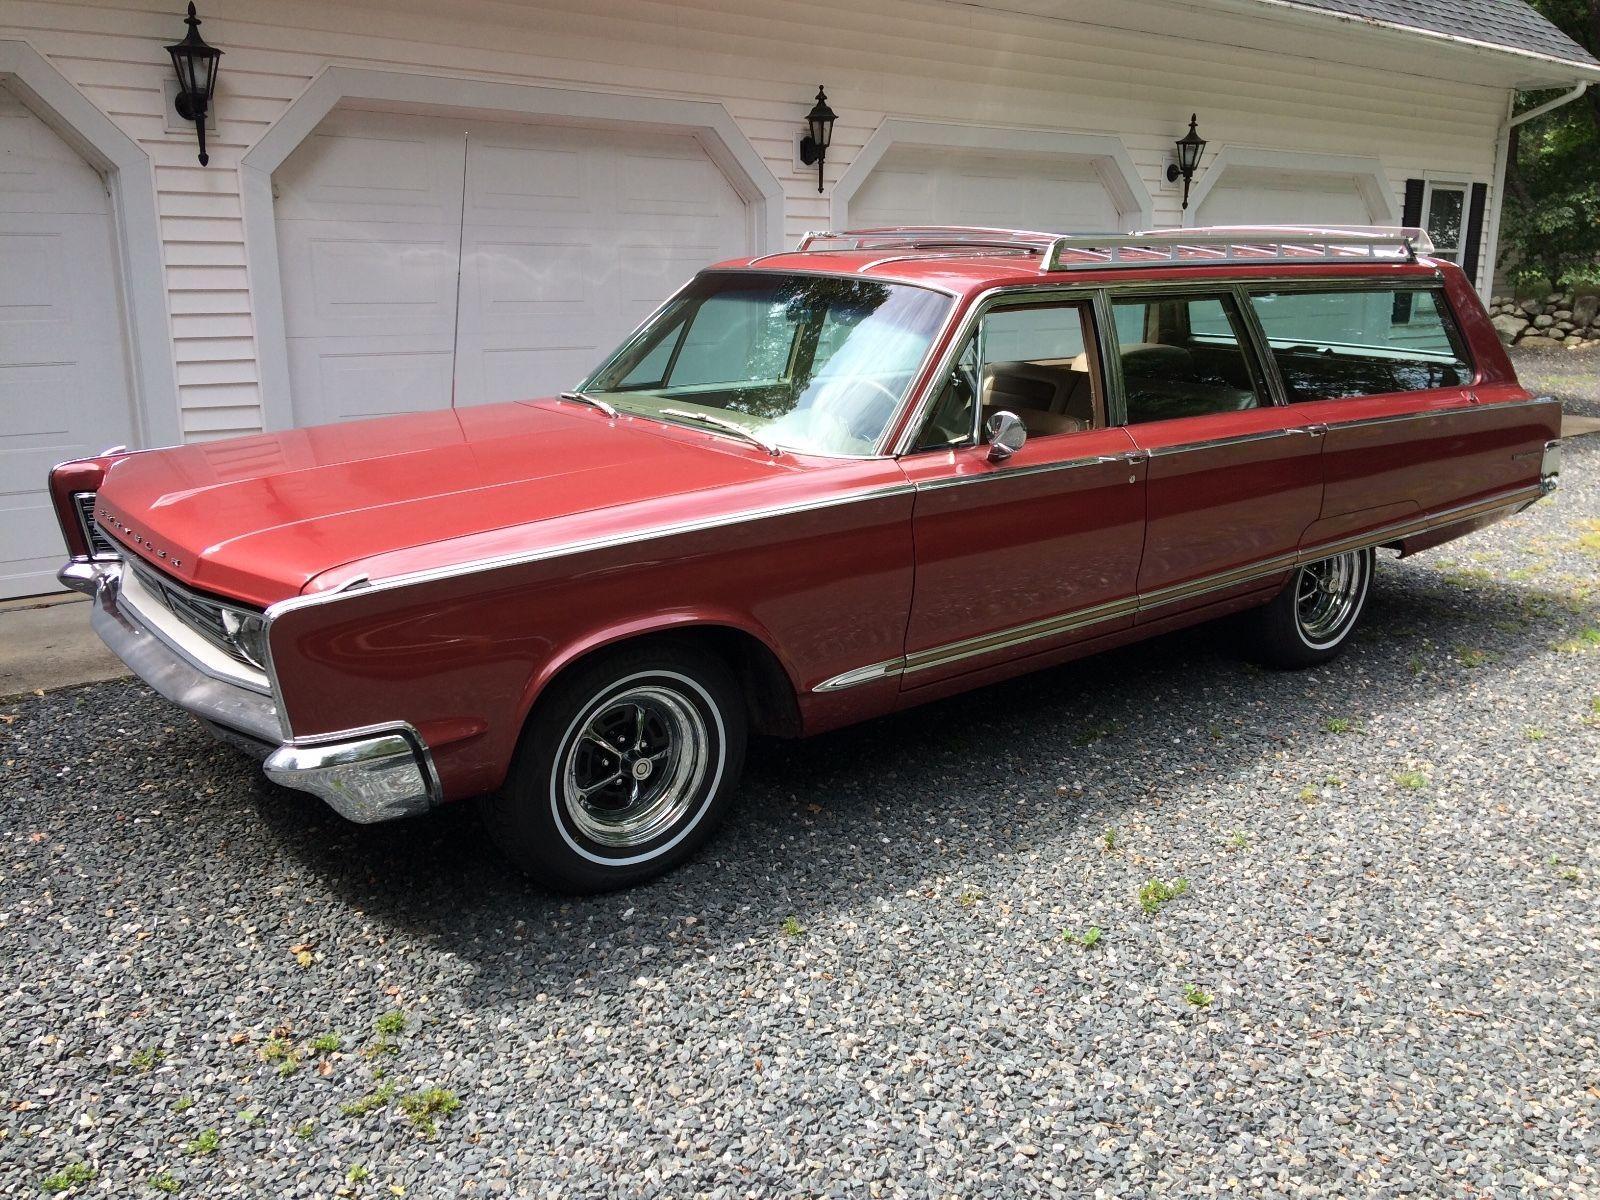 1966 Chrysler Newport Town & Country   Chrysler   Chrysler newport